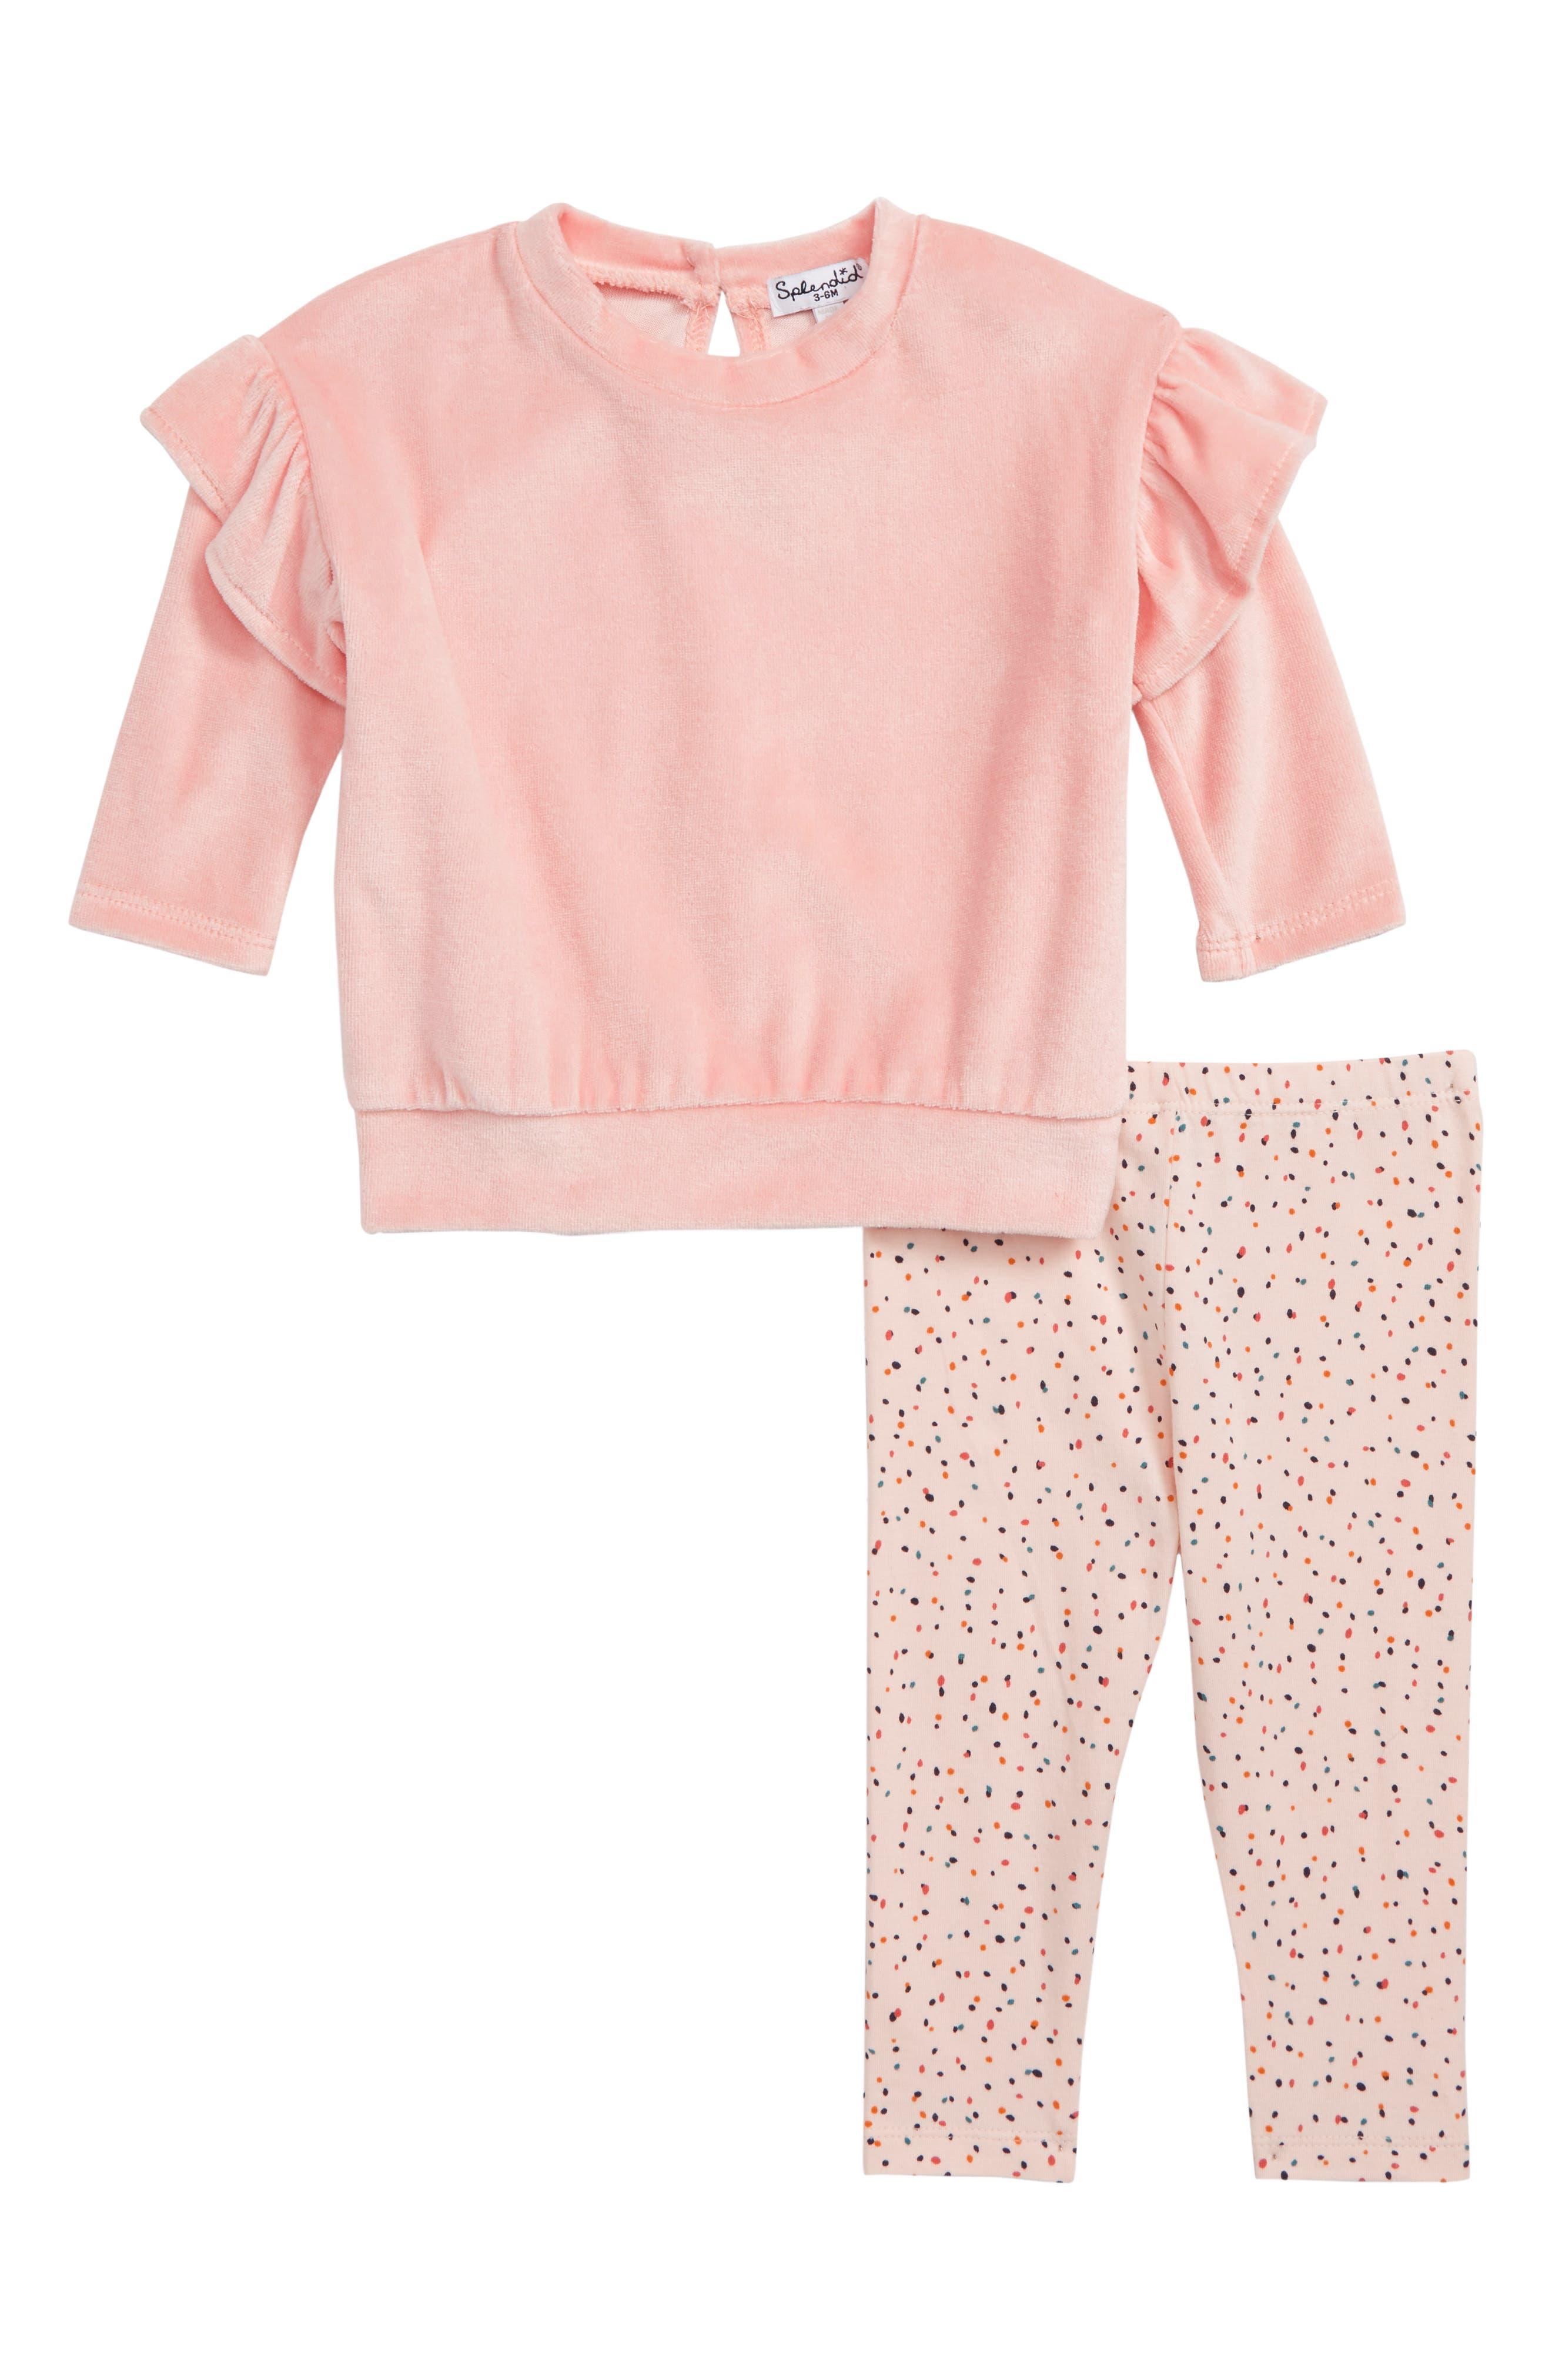 SPLENDID Velour Side Slit Sweatshirt & Leggings Set, Main, color, 653